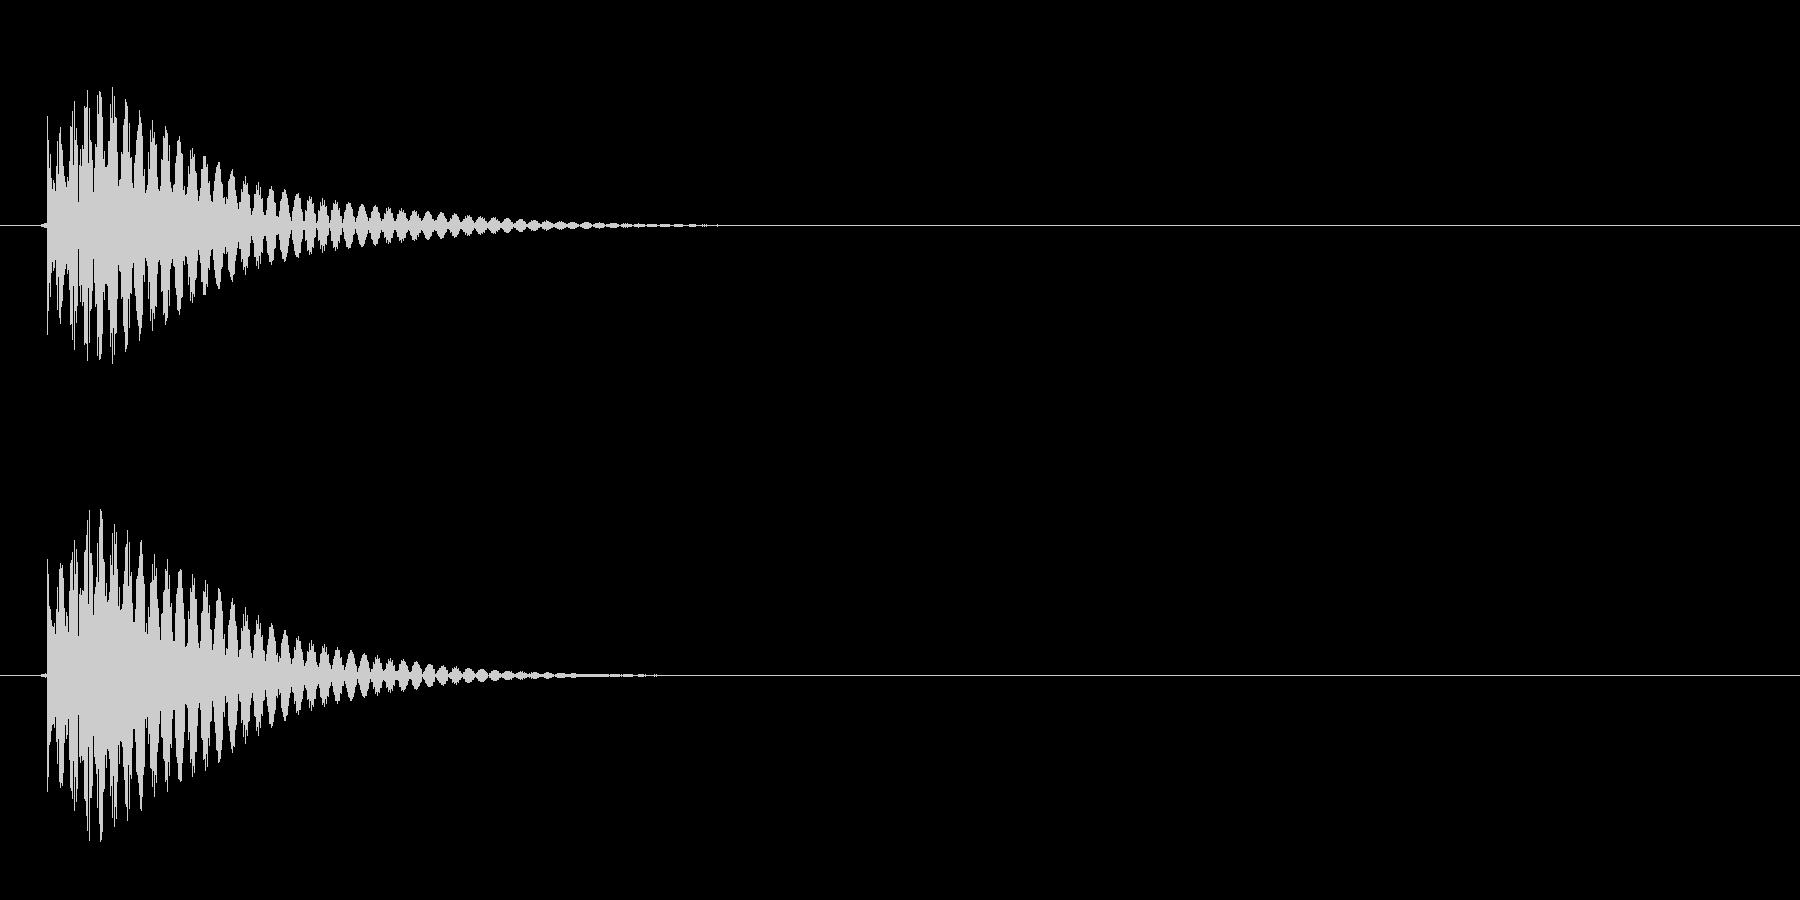 ゲーム等でのアイテム選択時にカーソルを…の未再生の波形